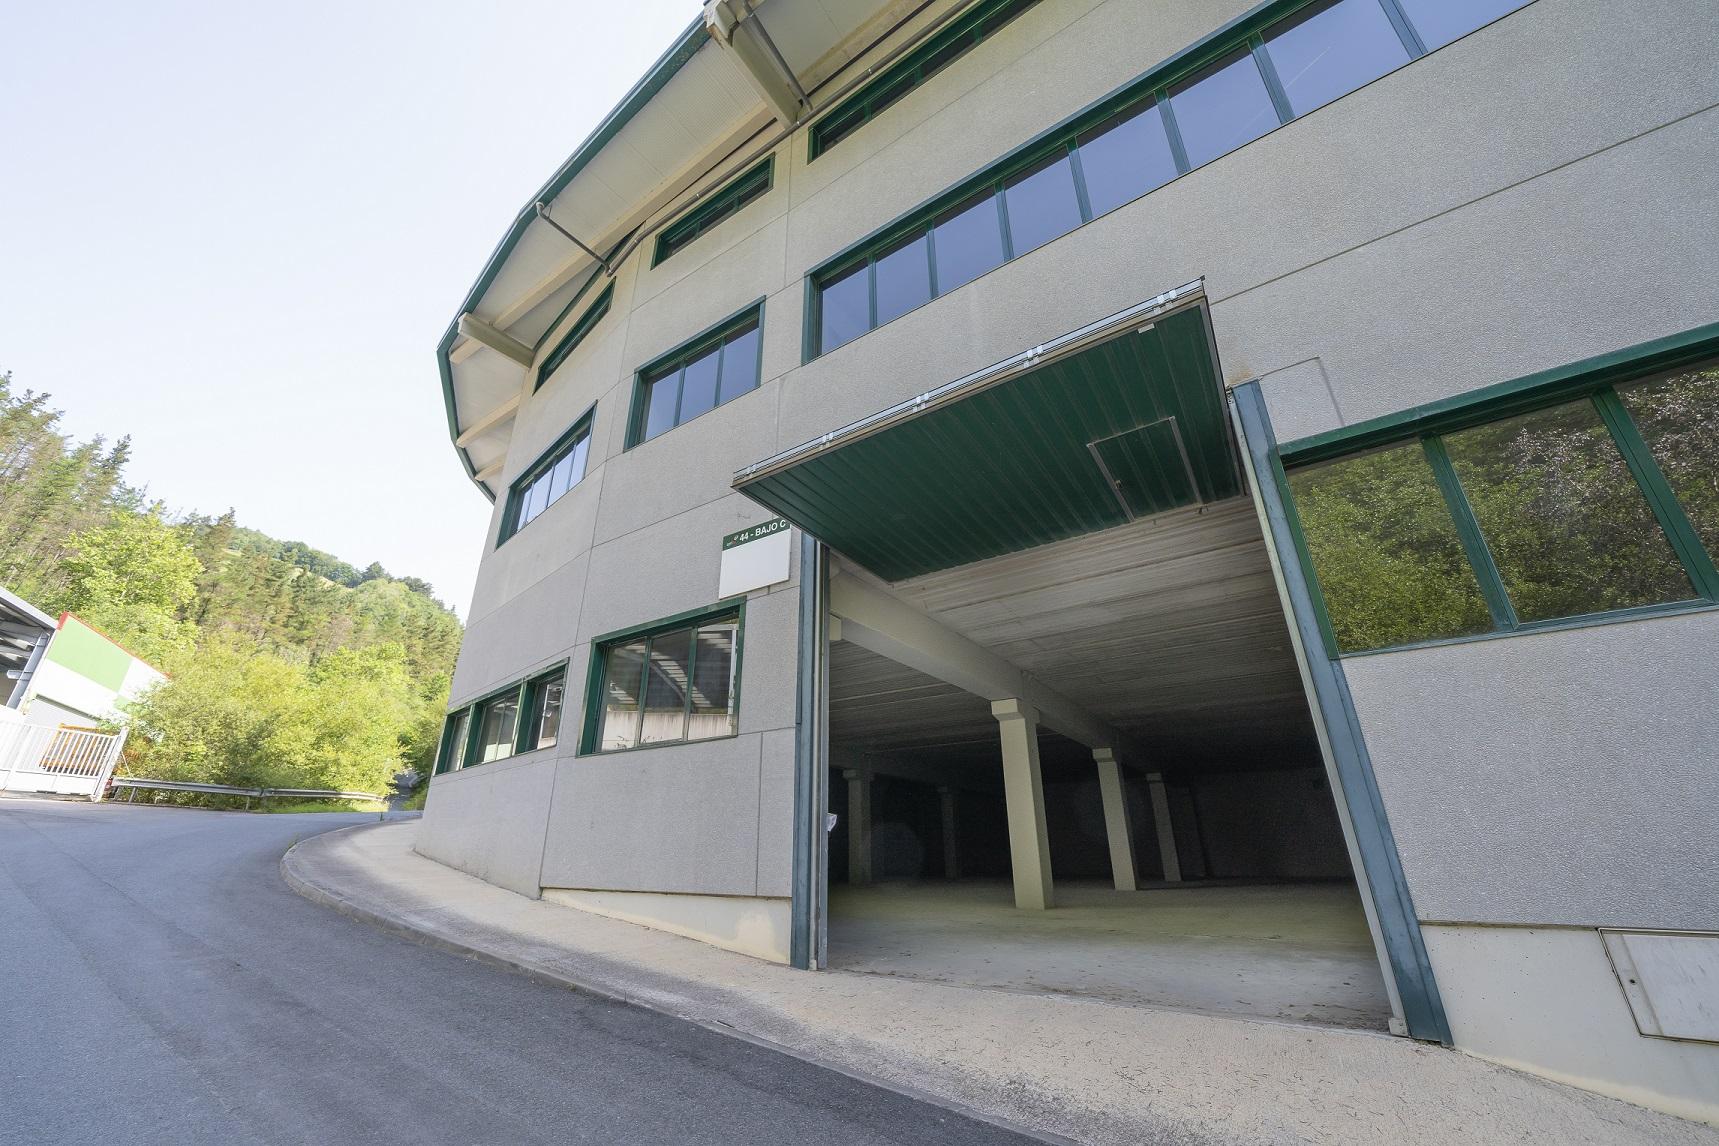 Imagen de Edificio A P-44 BAJO C, Polígono Industrial Matsaria – Eibar (Gipuzkoa)